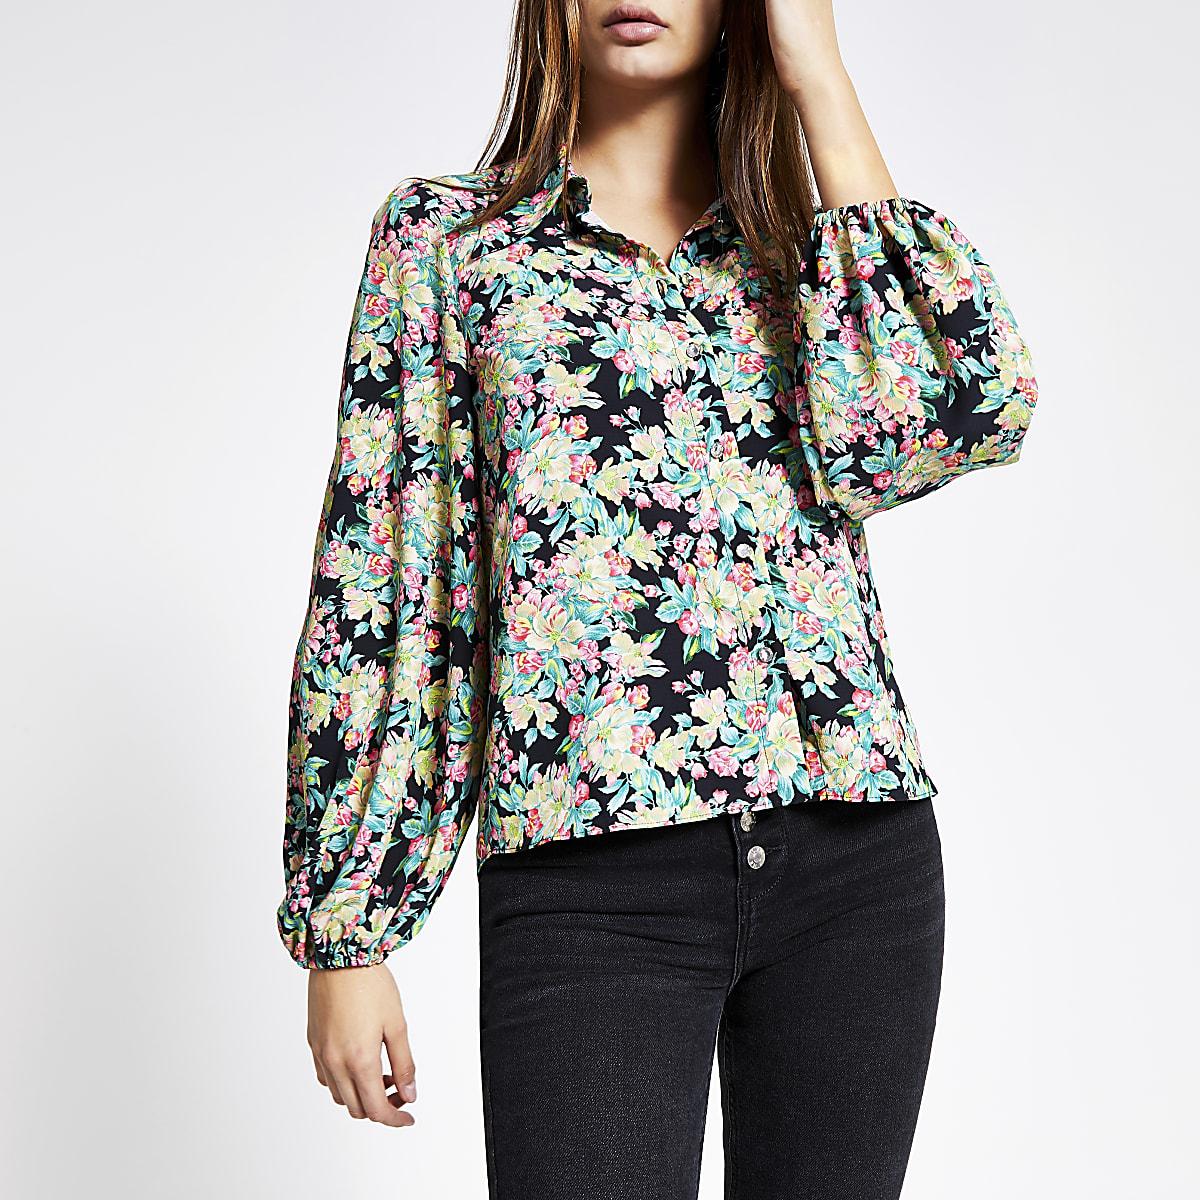 Chemise noire à manches longues bouffantes avec imprimé à fleurs